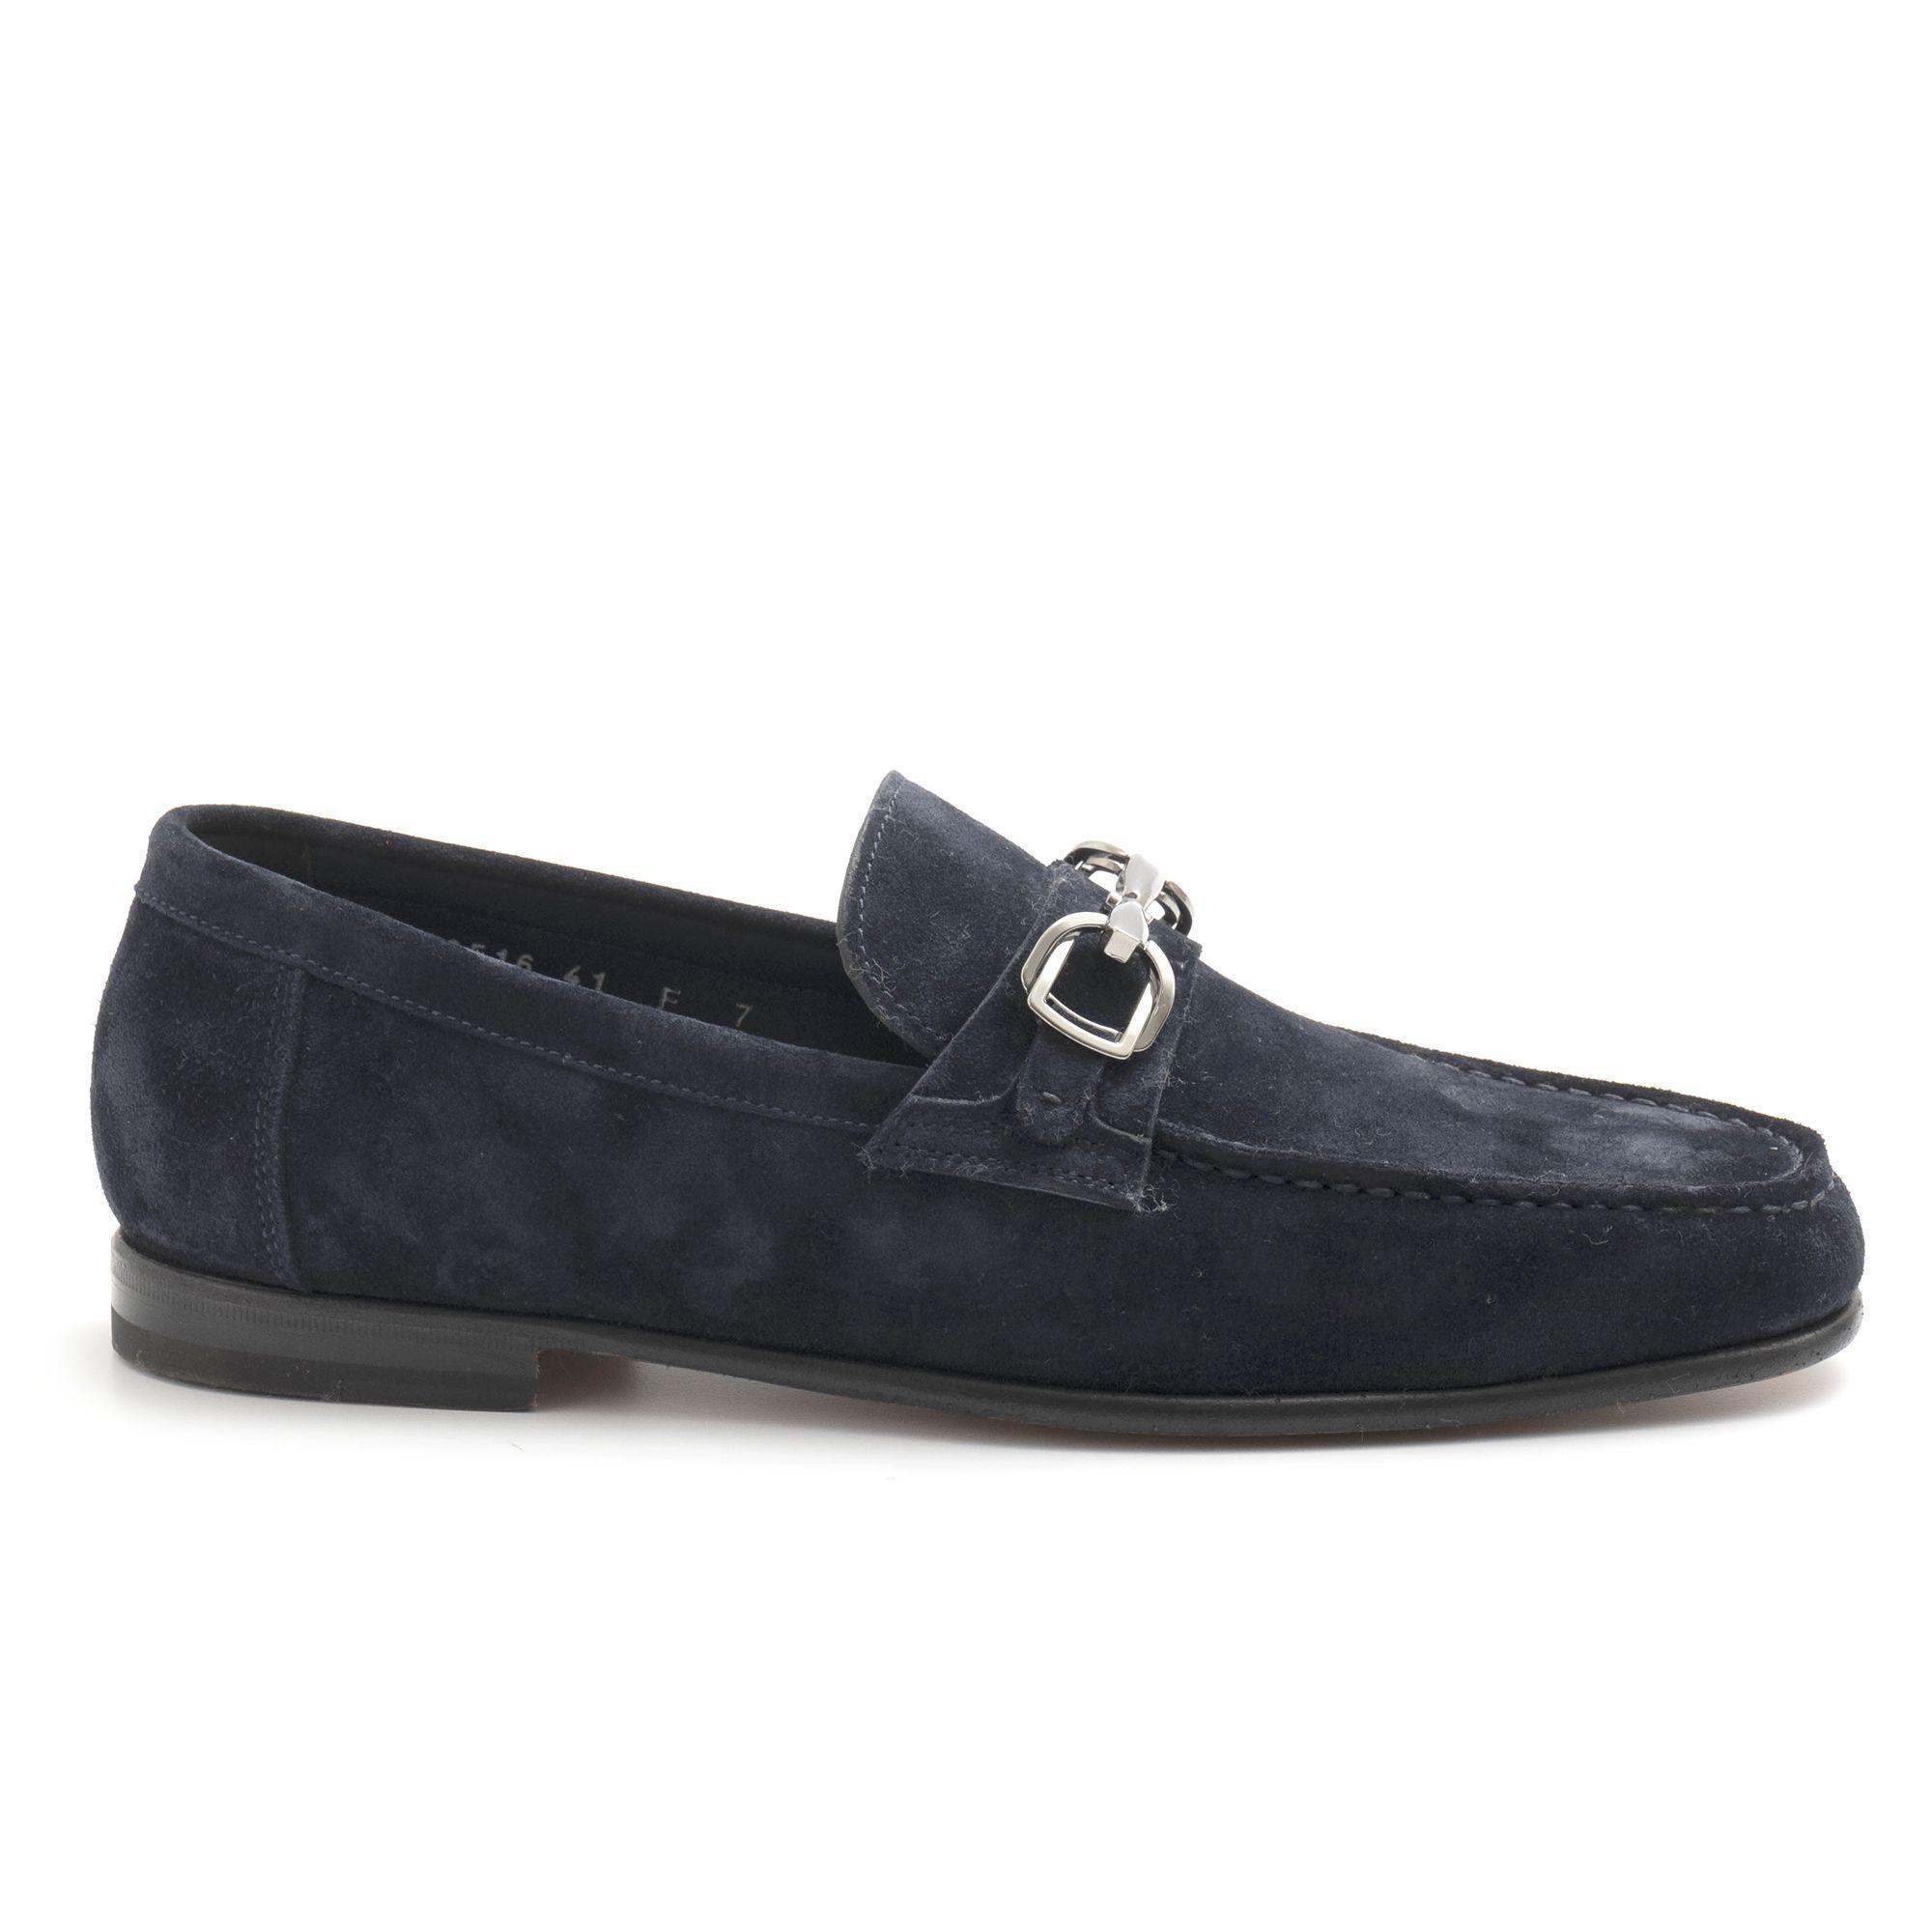 749511ed33 Mocassino con morsetto Santoni blu in camoscio | sangiorgiomerate.it ...